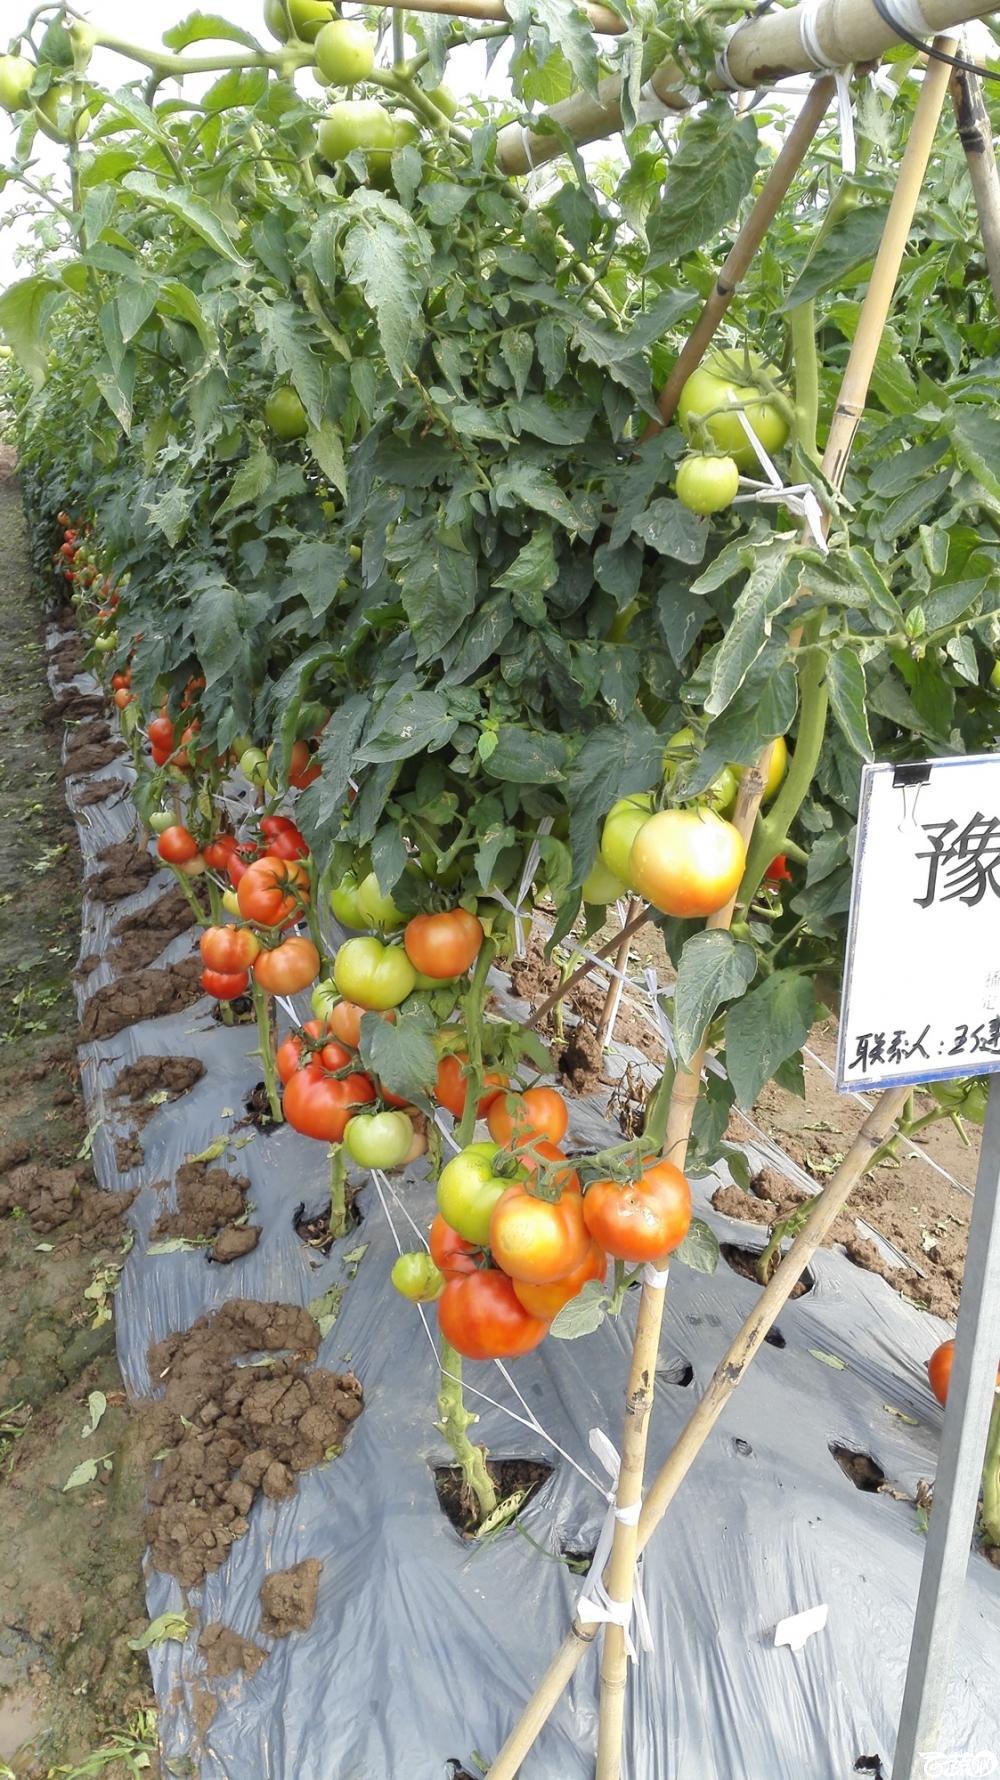 2014年12月8号中山蔬菜新品种展示会_番茄_030.jpg